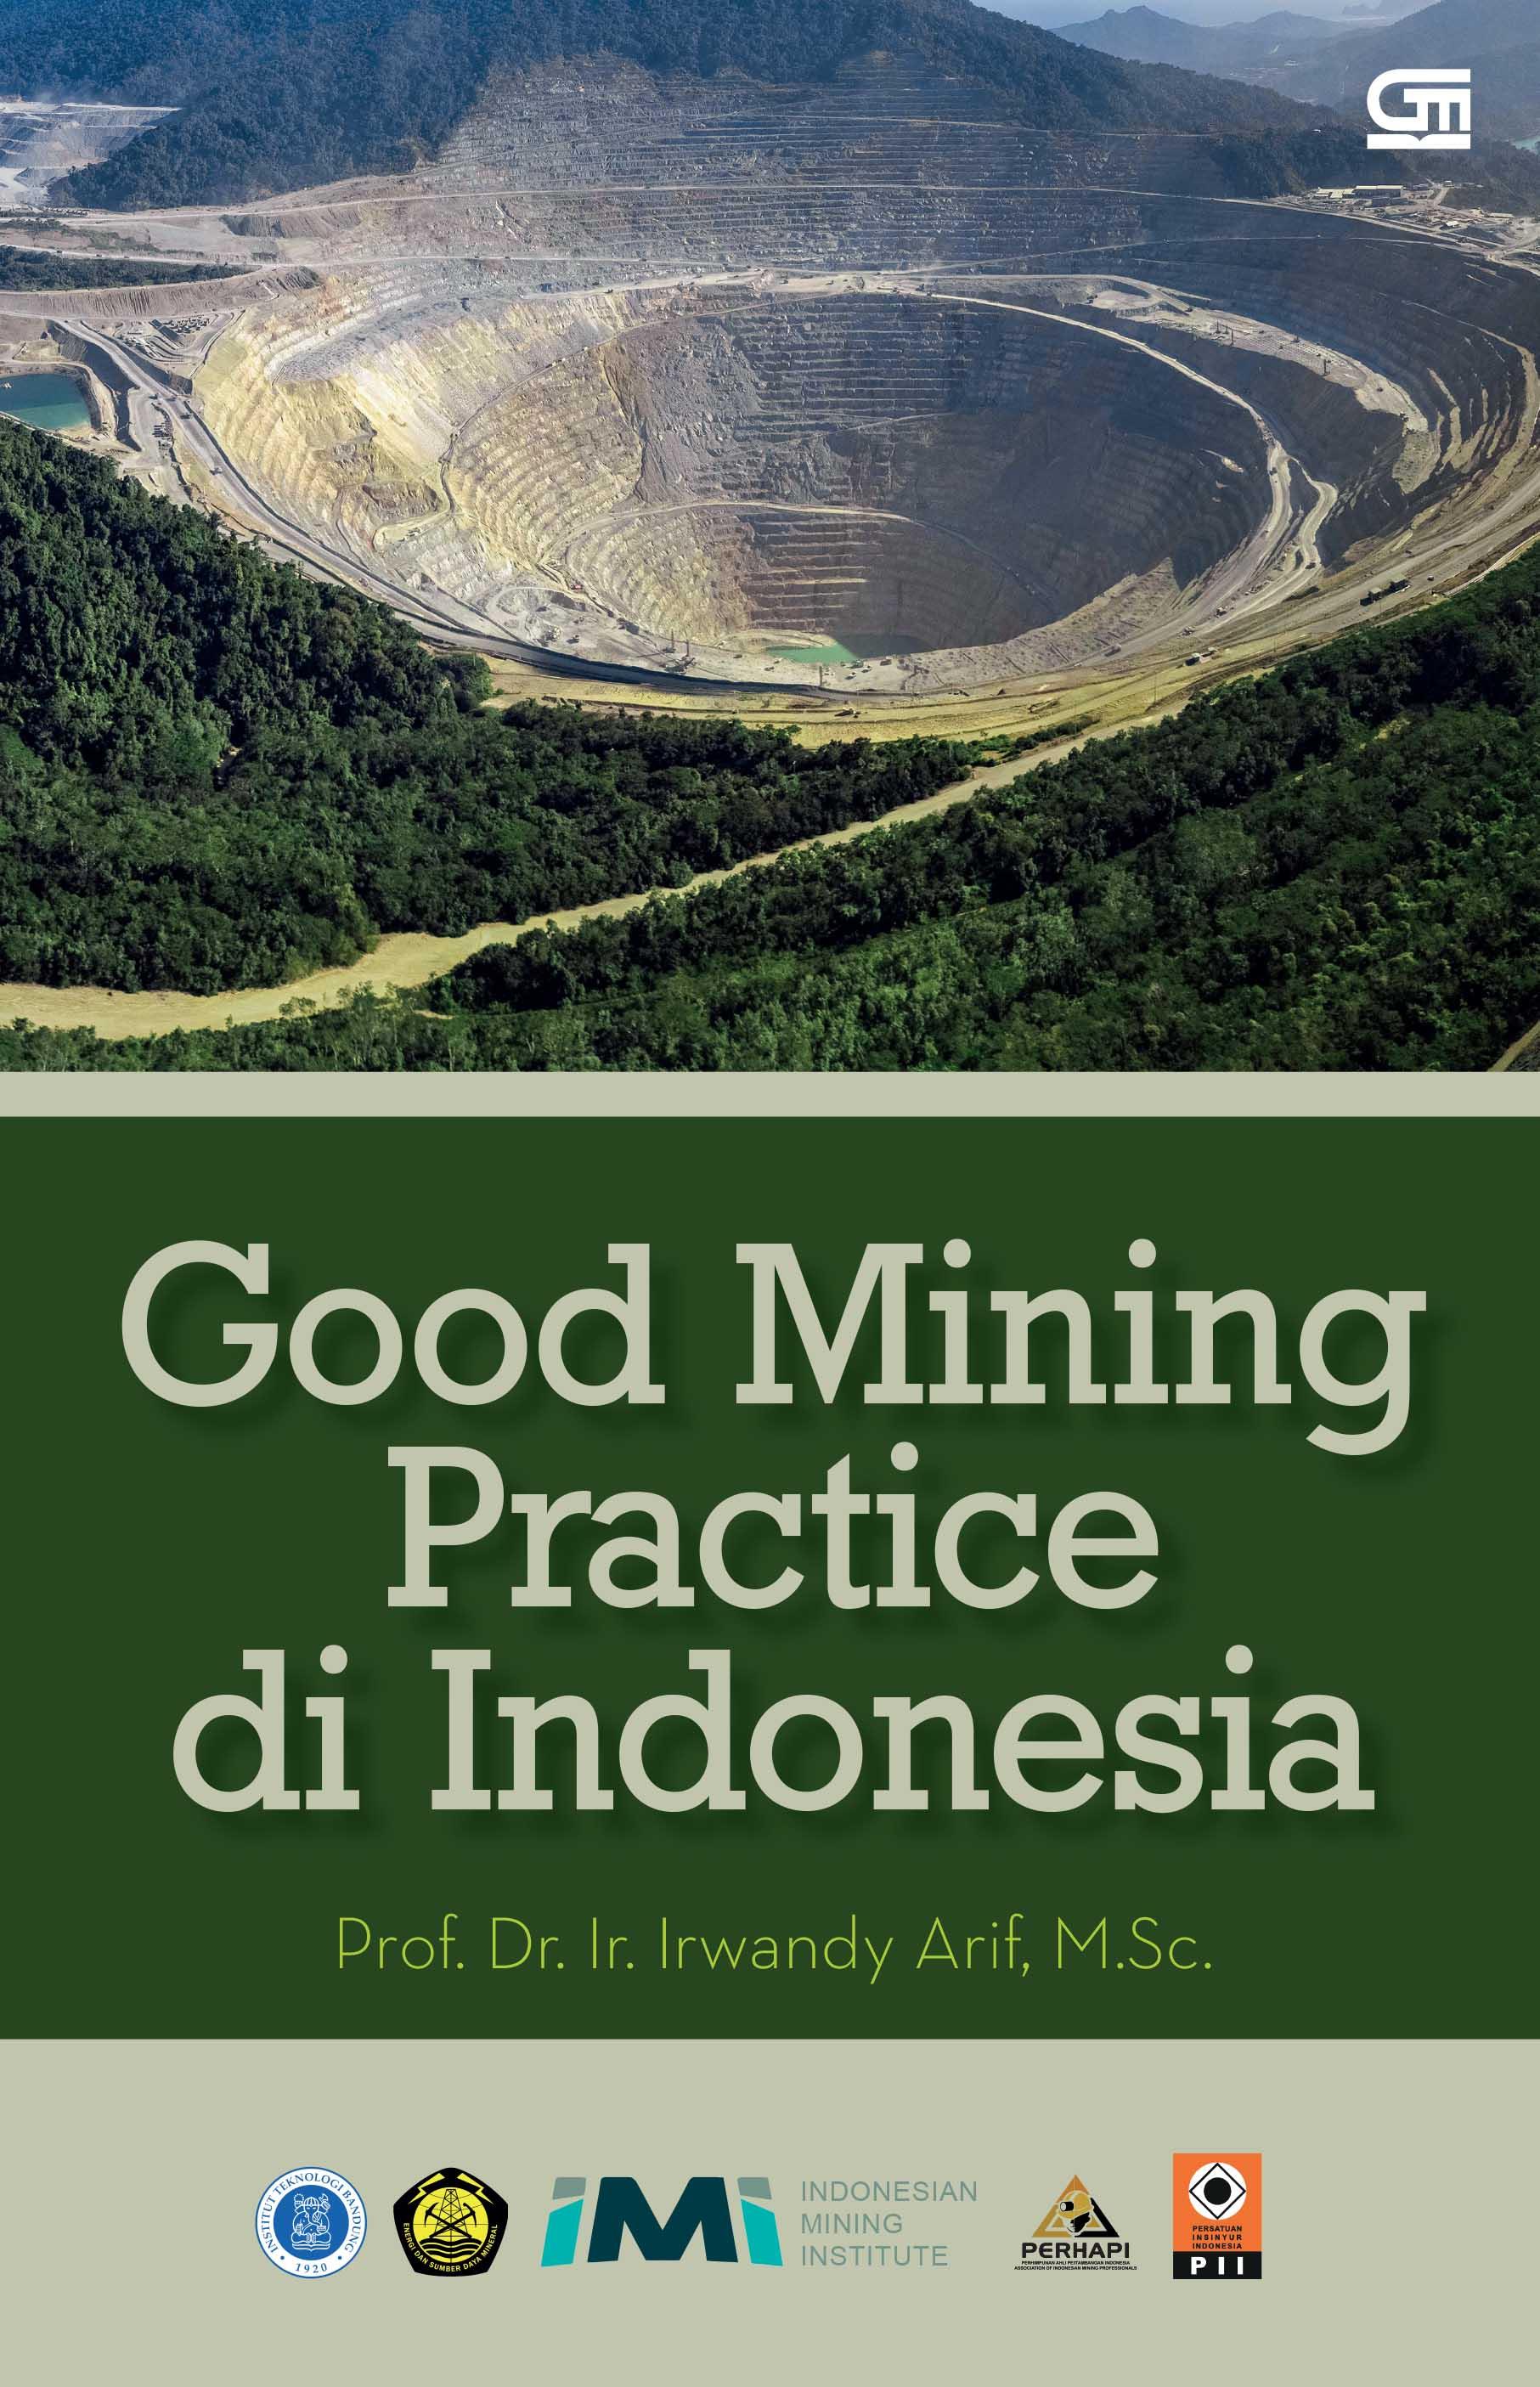 Good Mining Practice di Indonesia